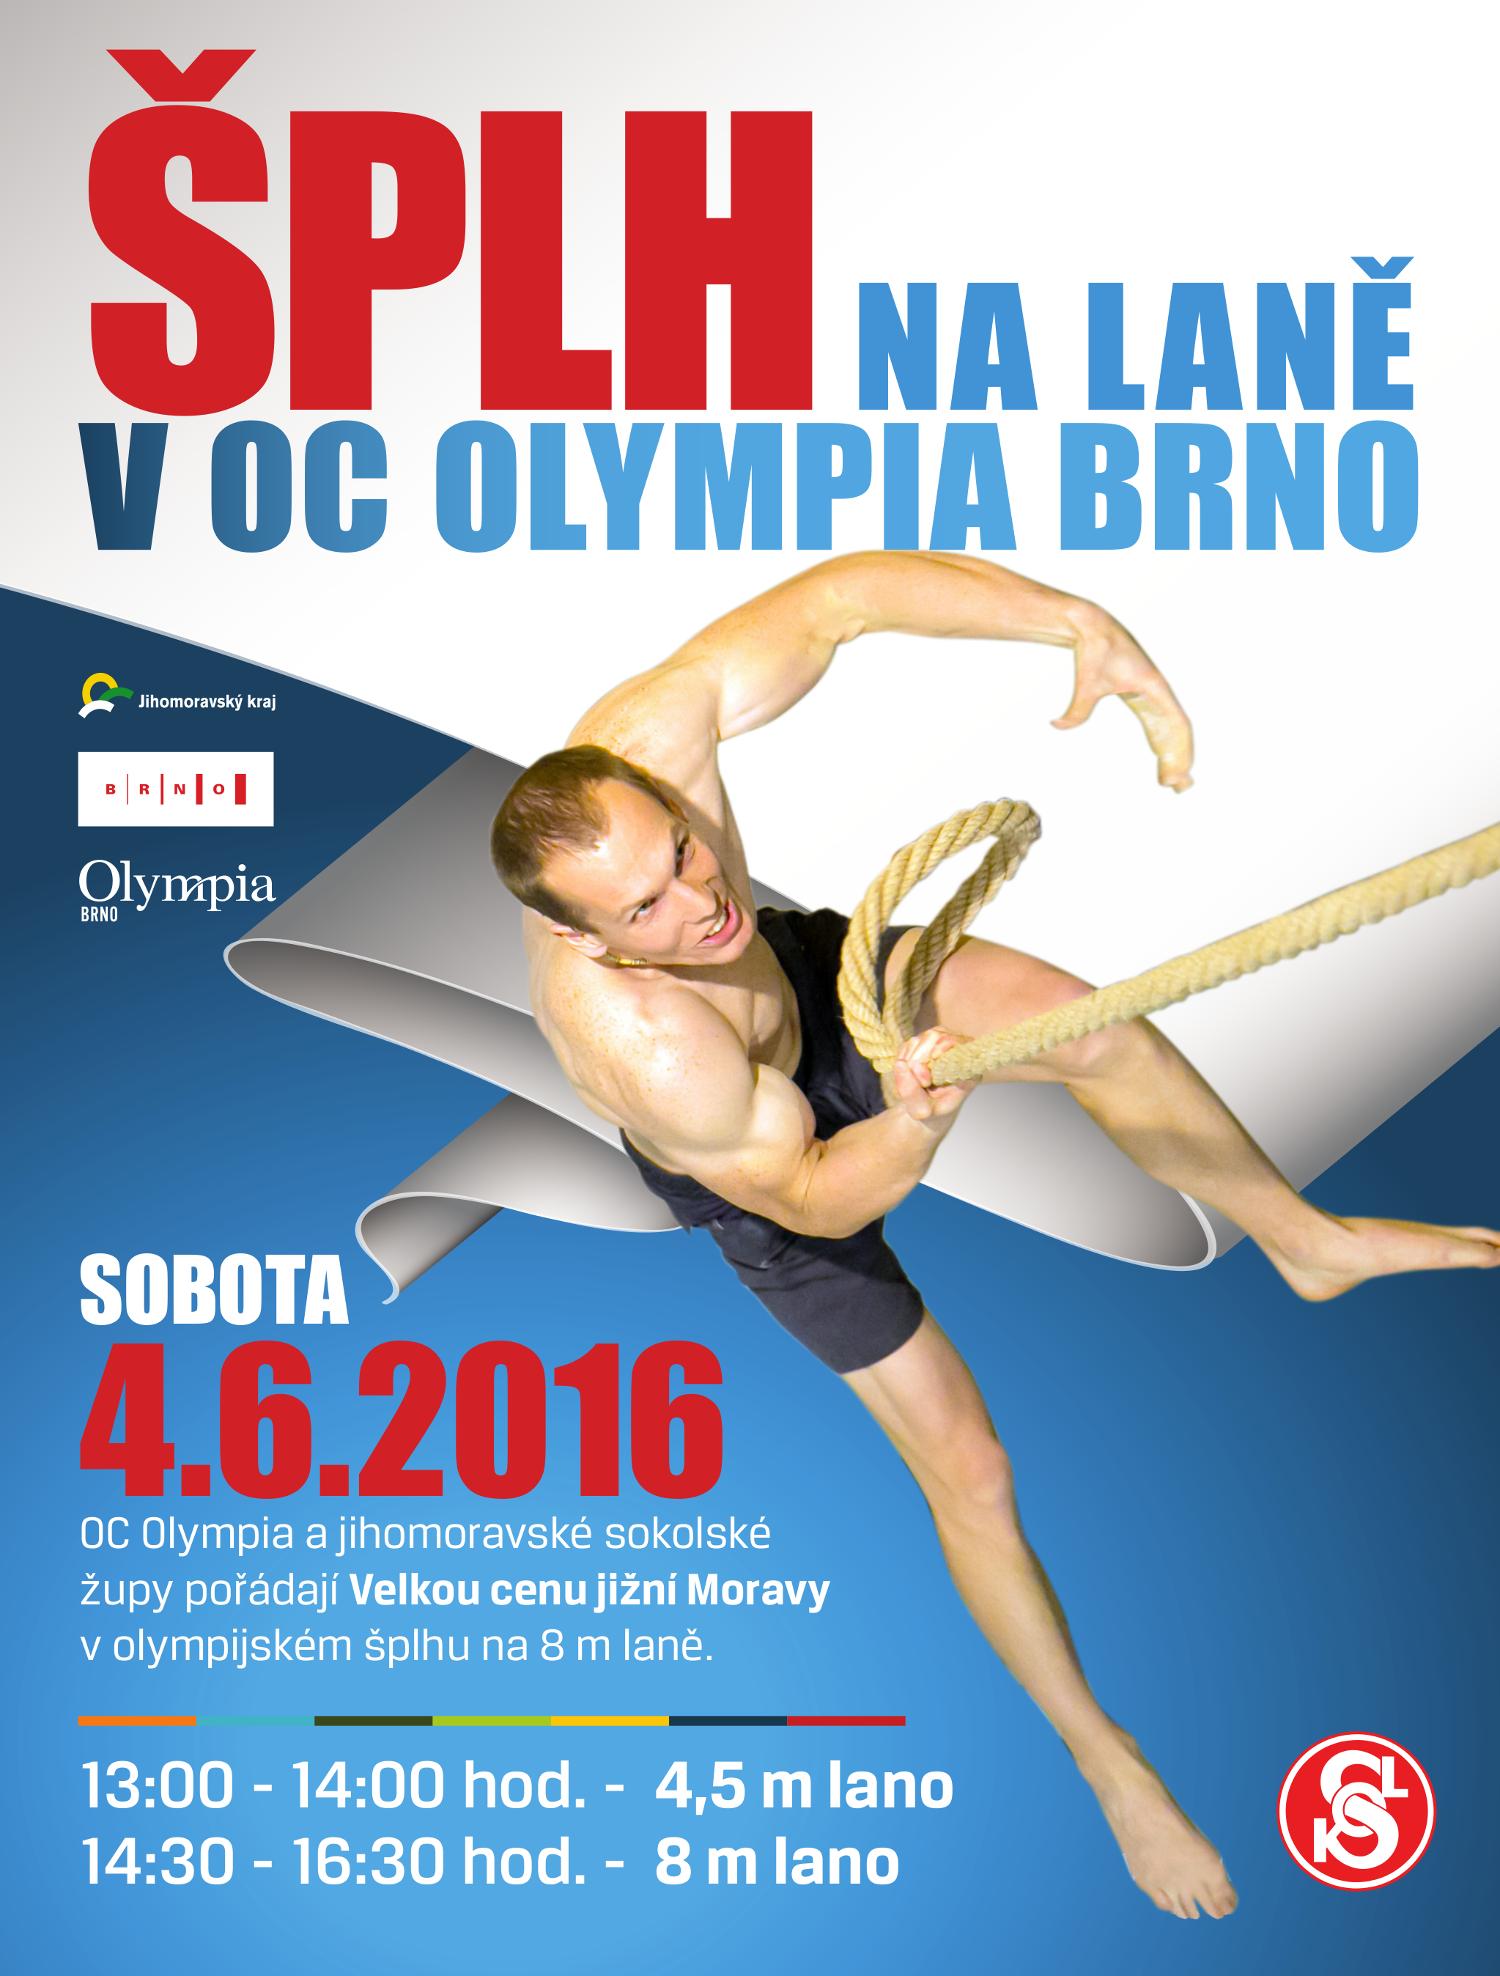 Šplh na laně v Olympii 2016 - plakát